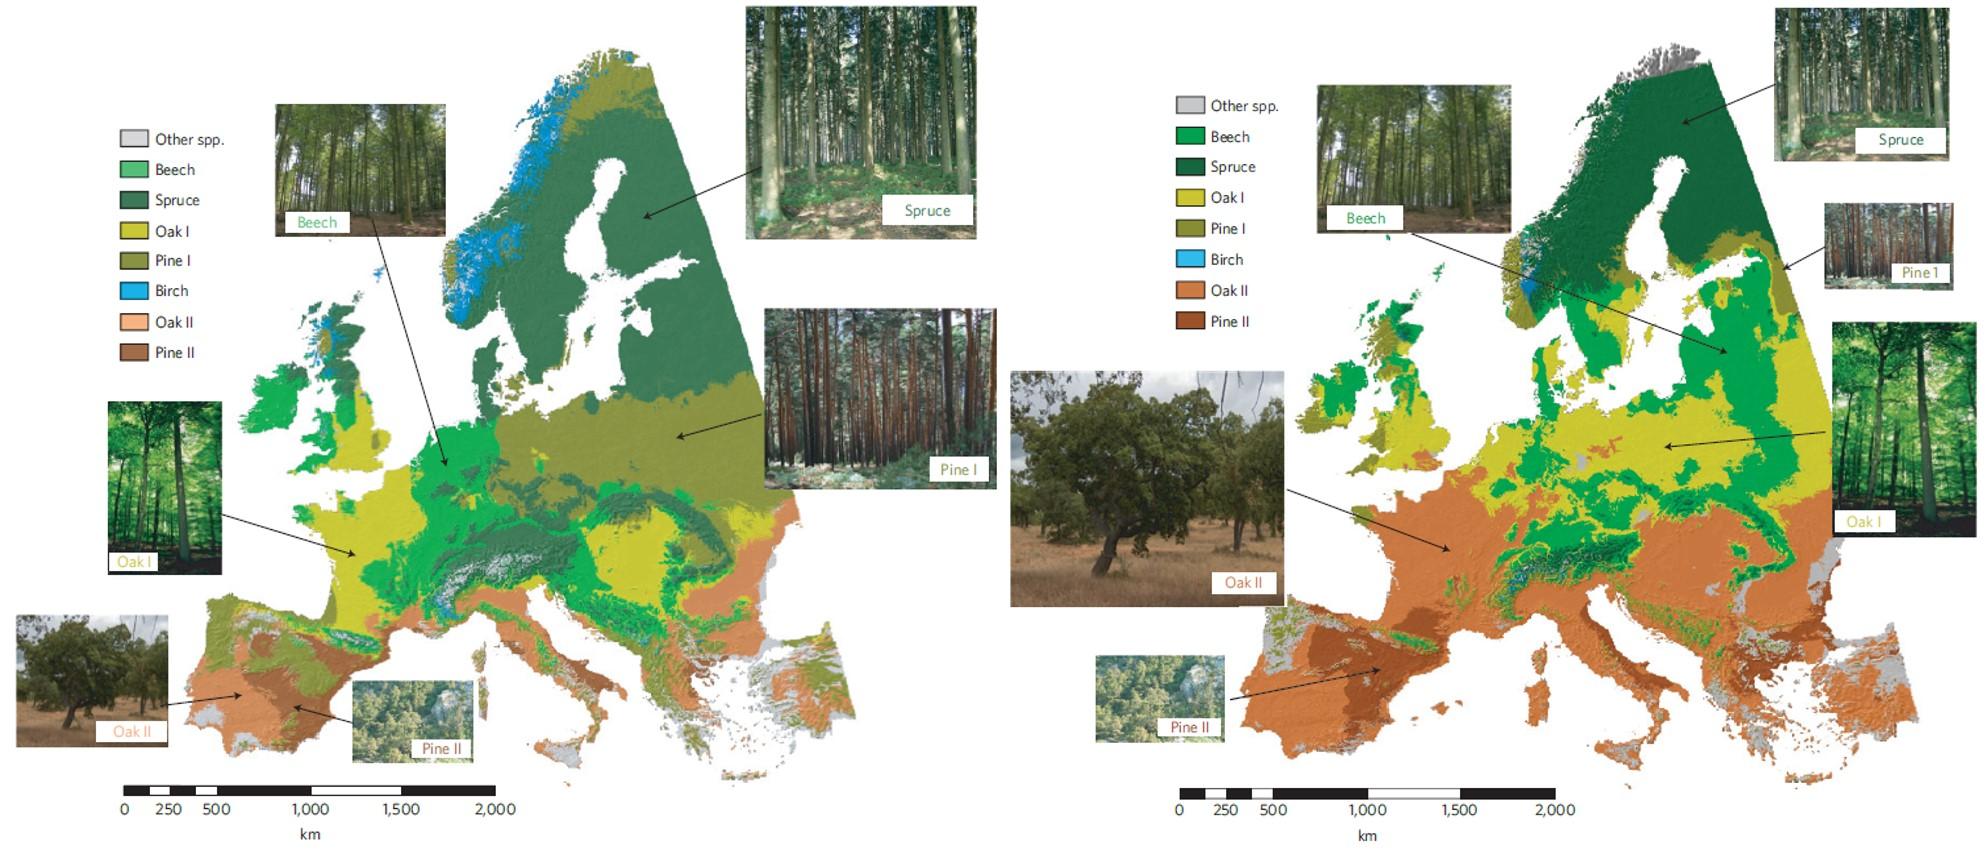 기후변화 A1B 시나리오 상에서 유럽 산림의 변화를 예측한 연구